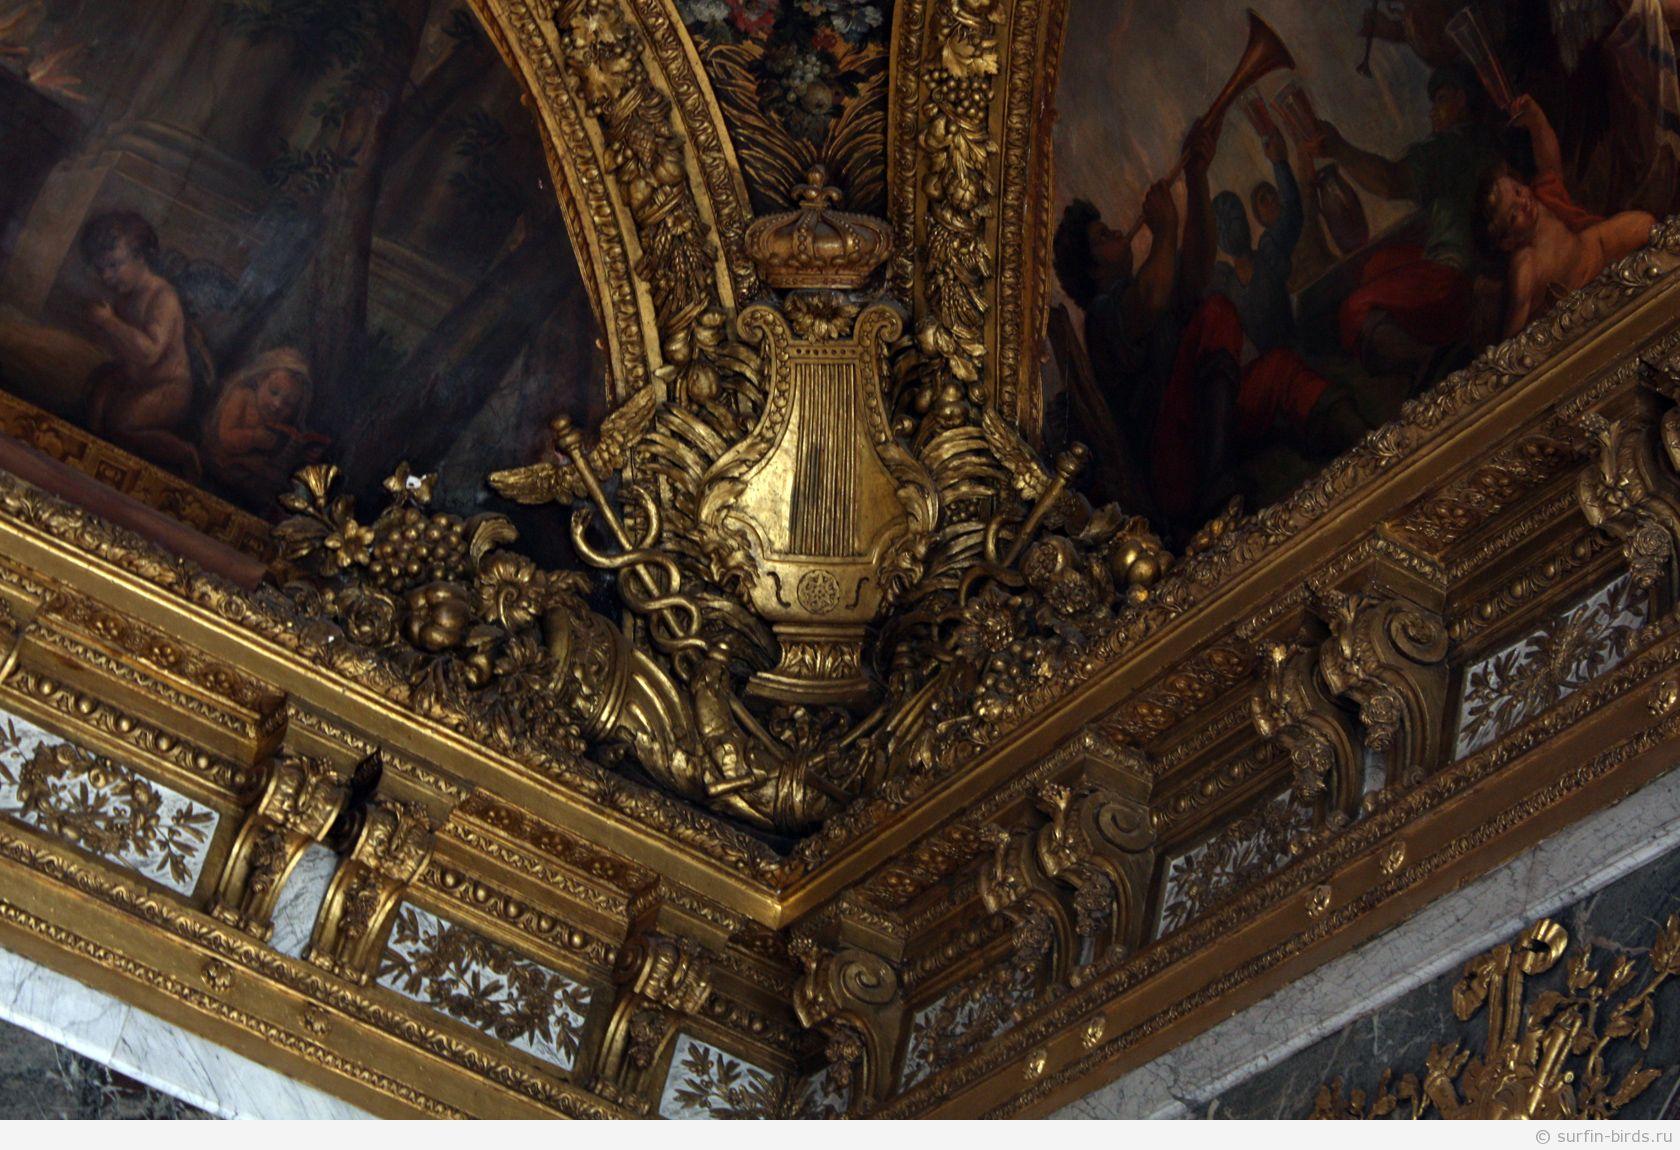 Самостоятельно доехать из парижа до версаля